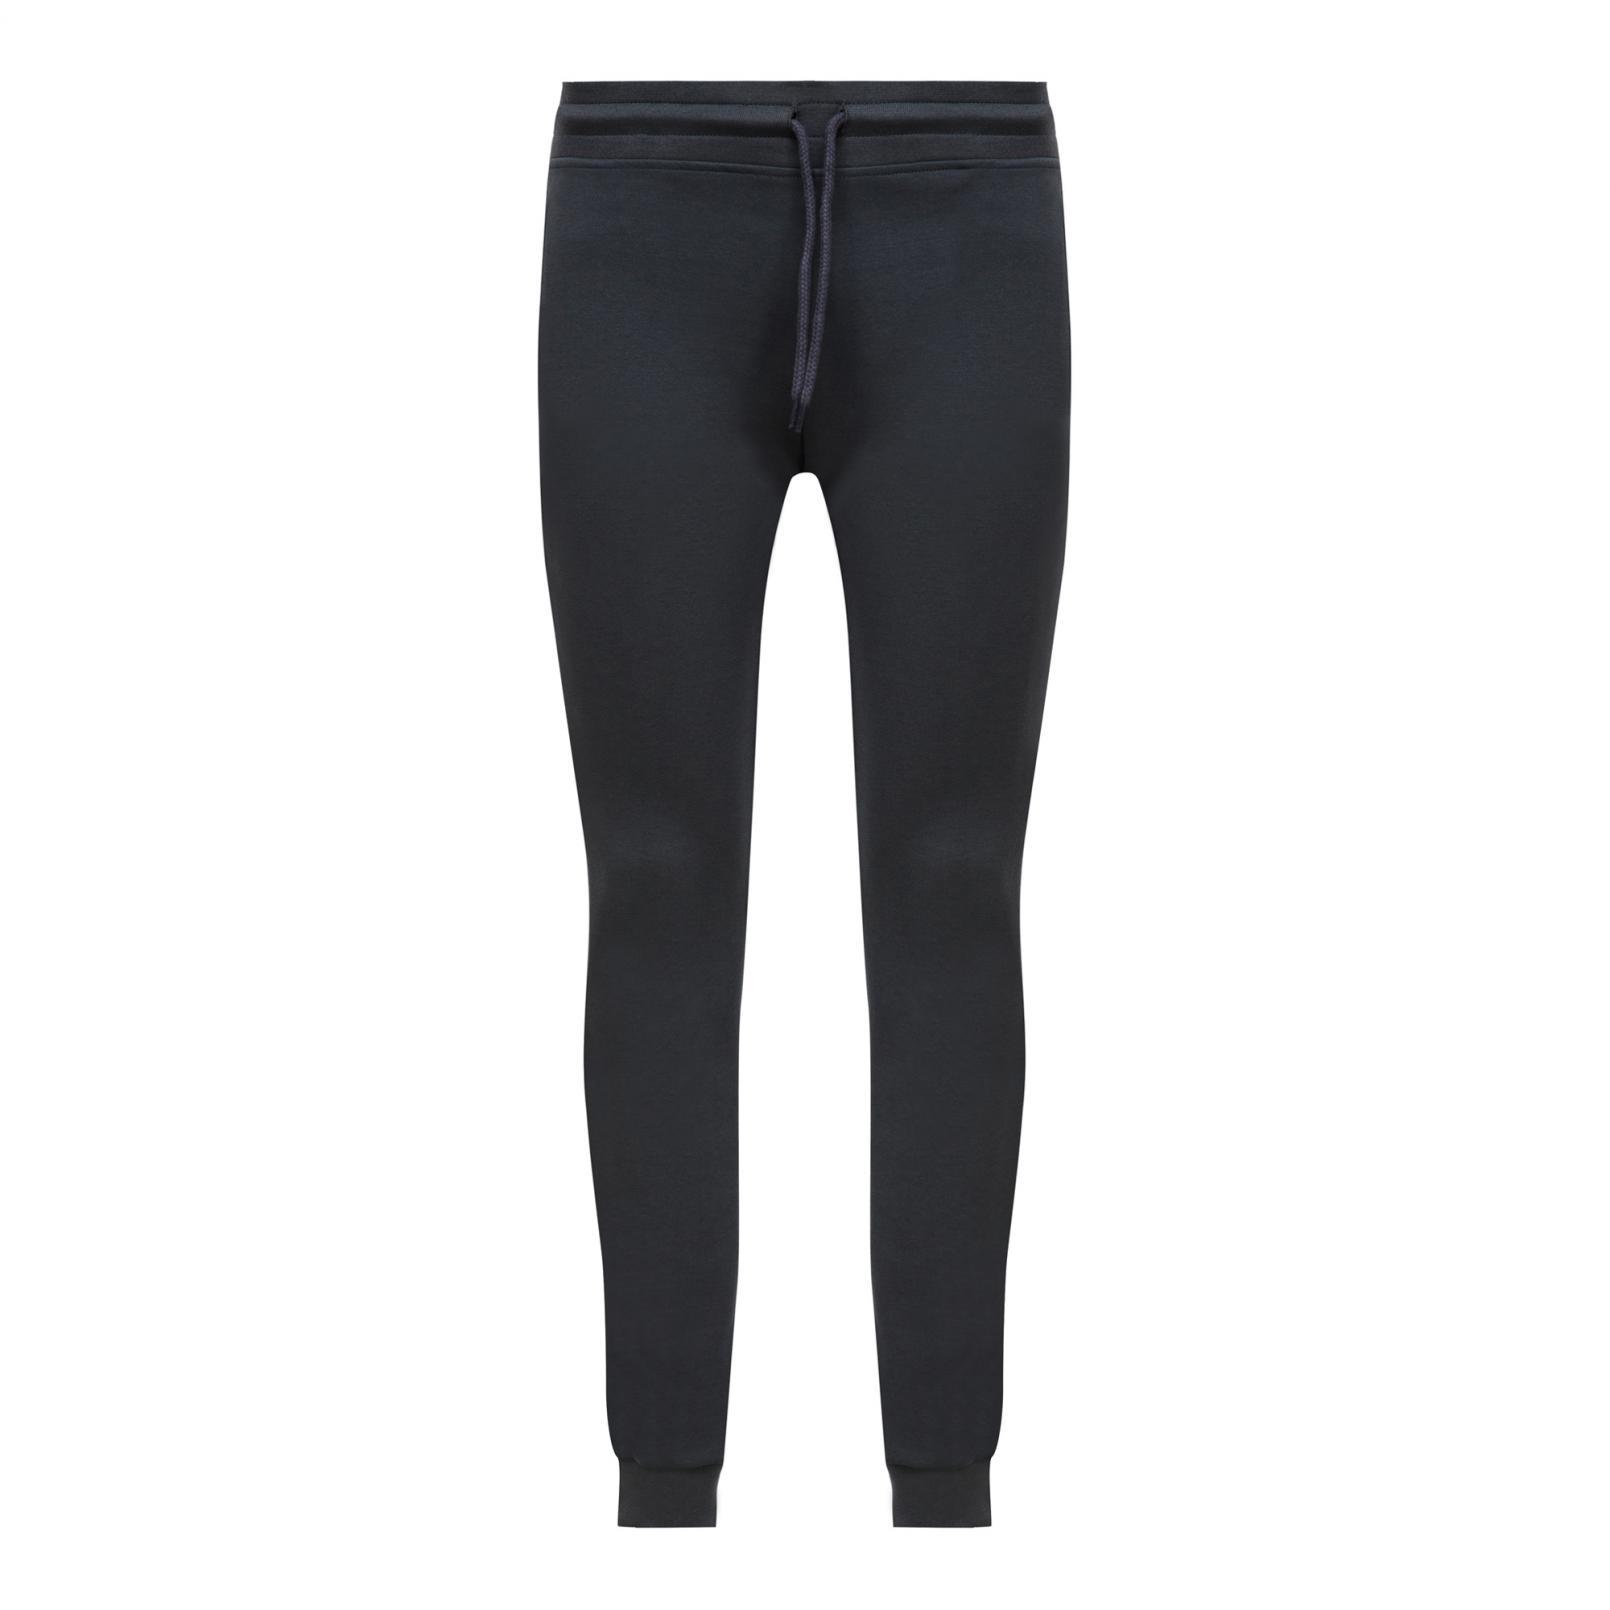 Pants – Le Coq Sportif Pant Essentiels Multicolored